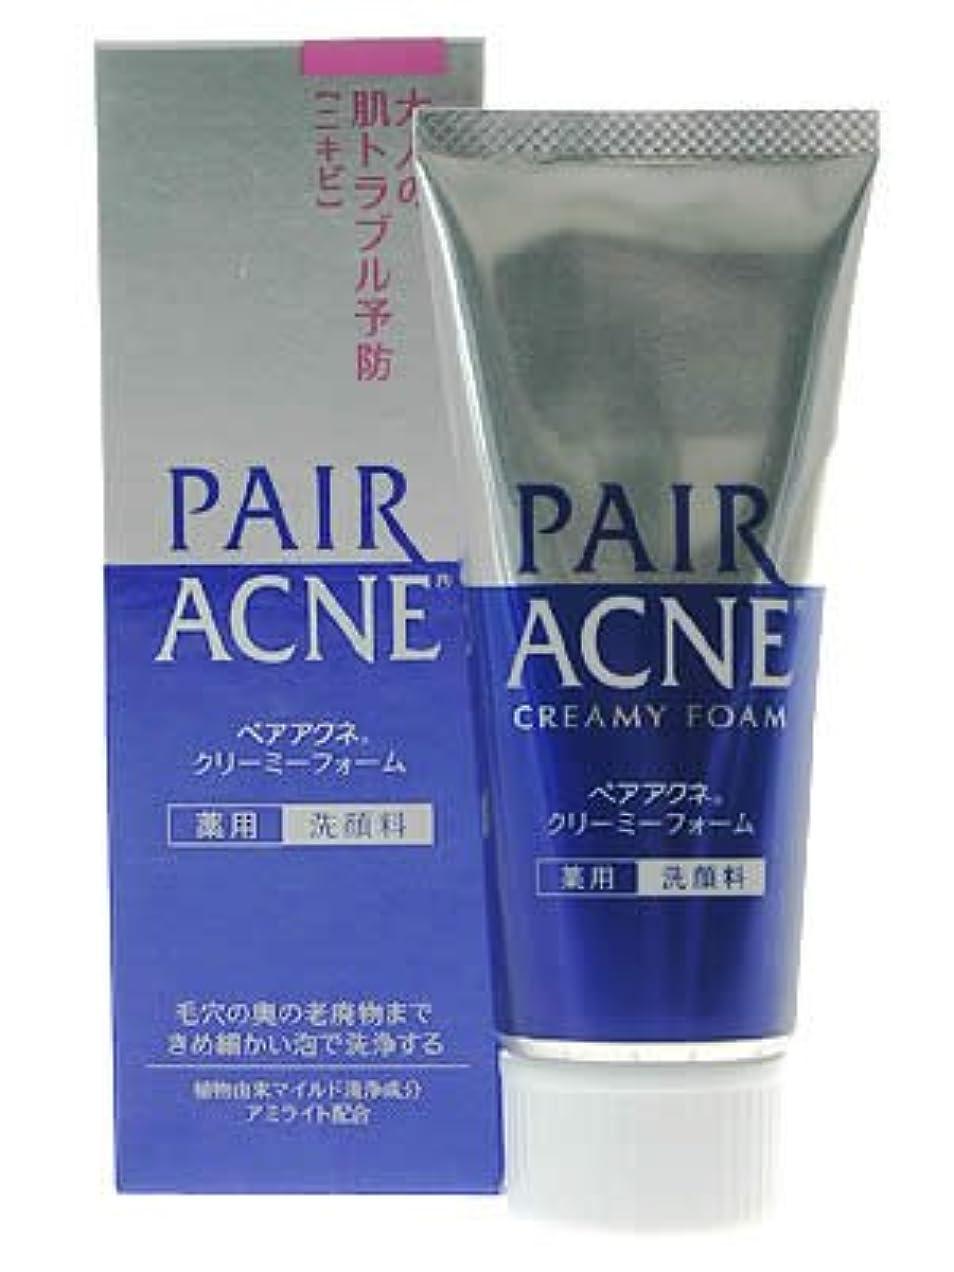 グリップ関連する樹木ペアアクネ クリーミーフォーム 薬用洗顔料 80g(医薬部外品)